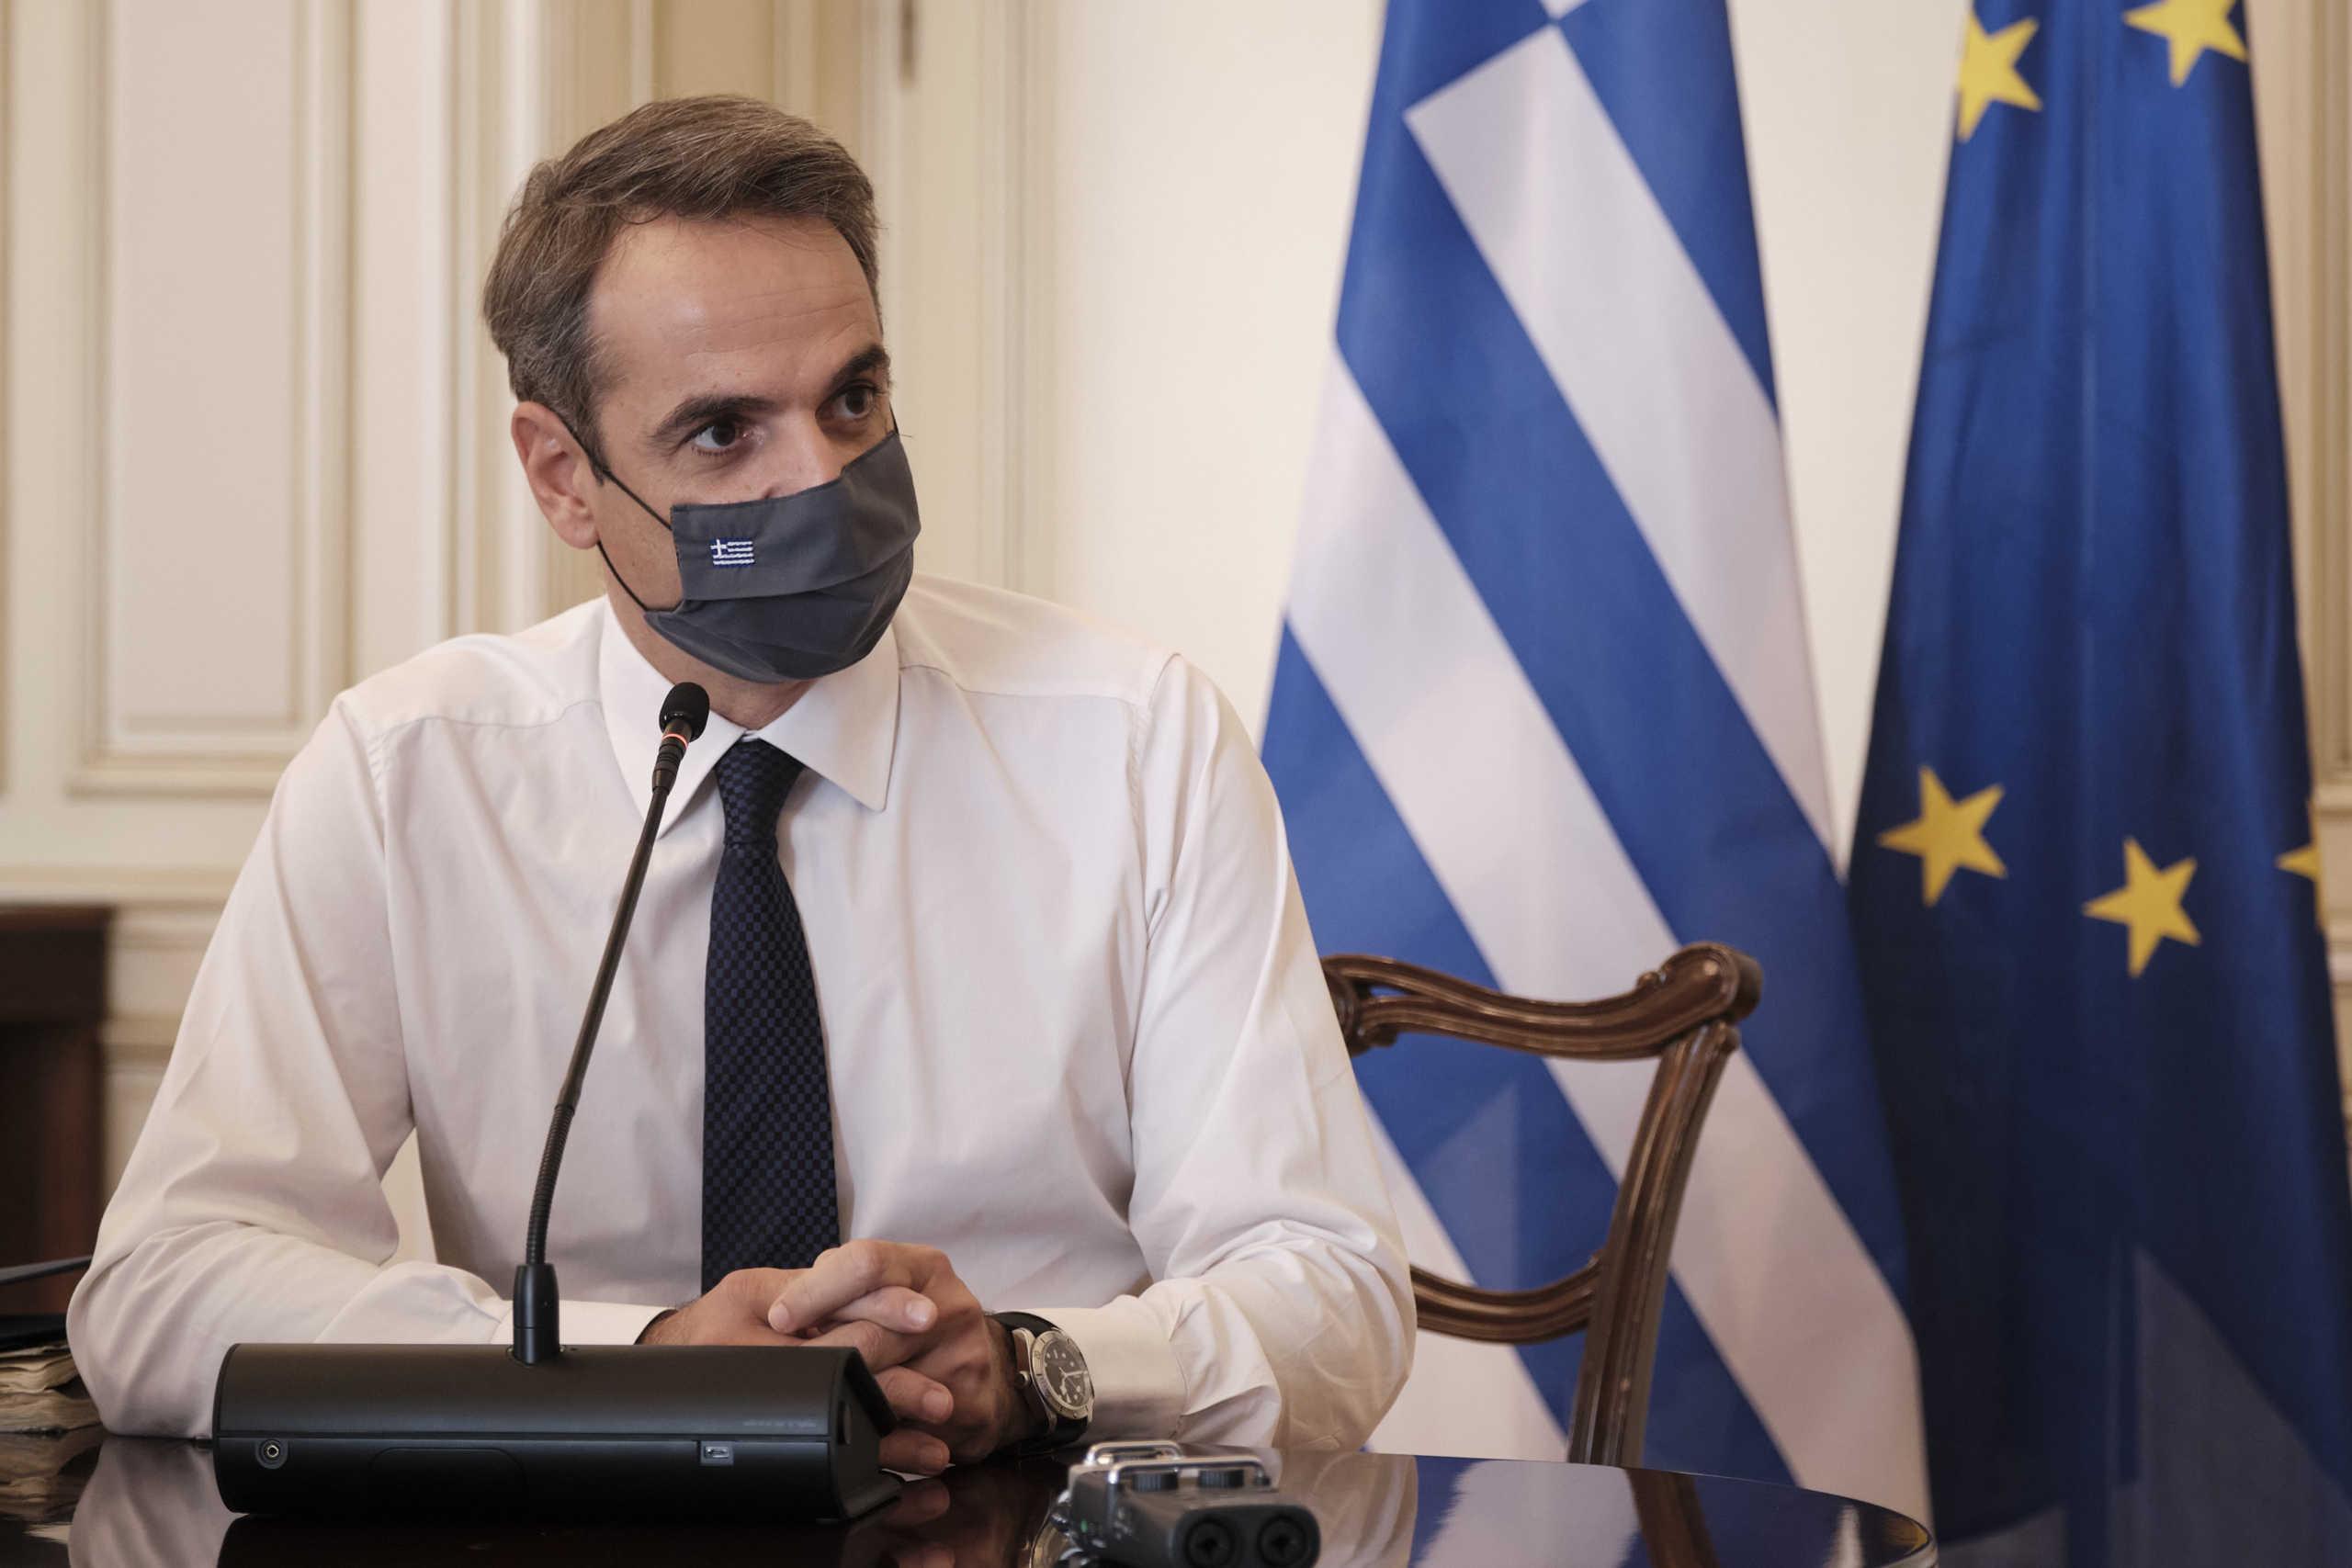 Κορονοϊός: Αυτά είναι τα μέτρα Μητσοτάκη -Τι προβλέπεται για εστίαση, απαγόρευση κυκλοφορίας